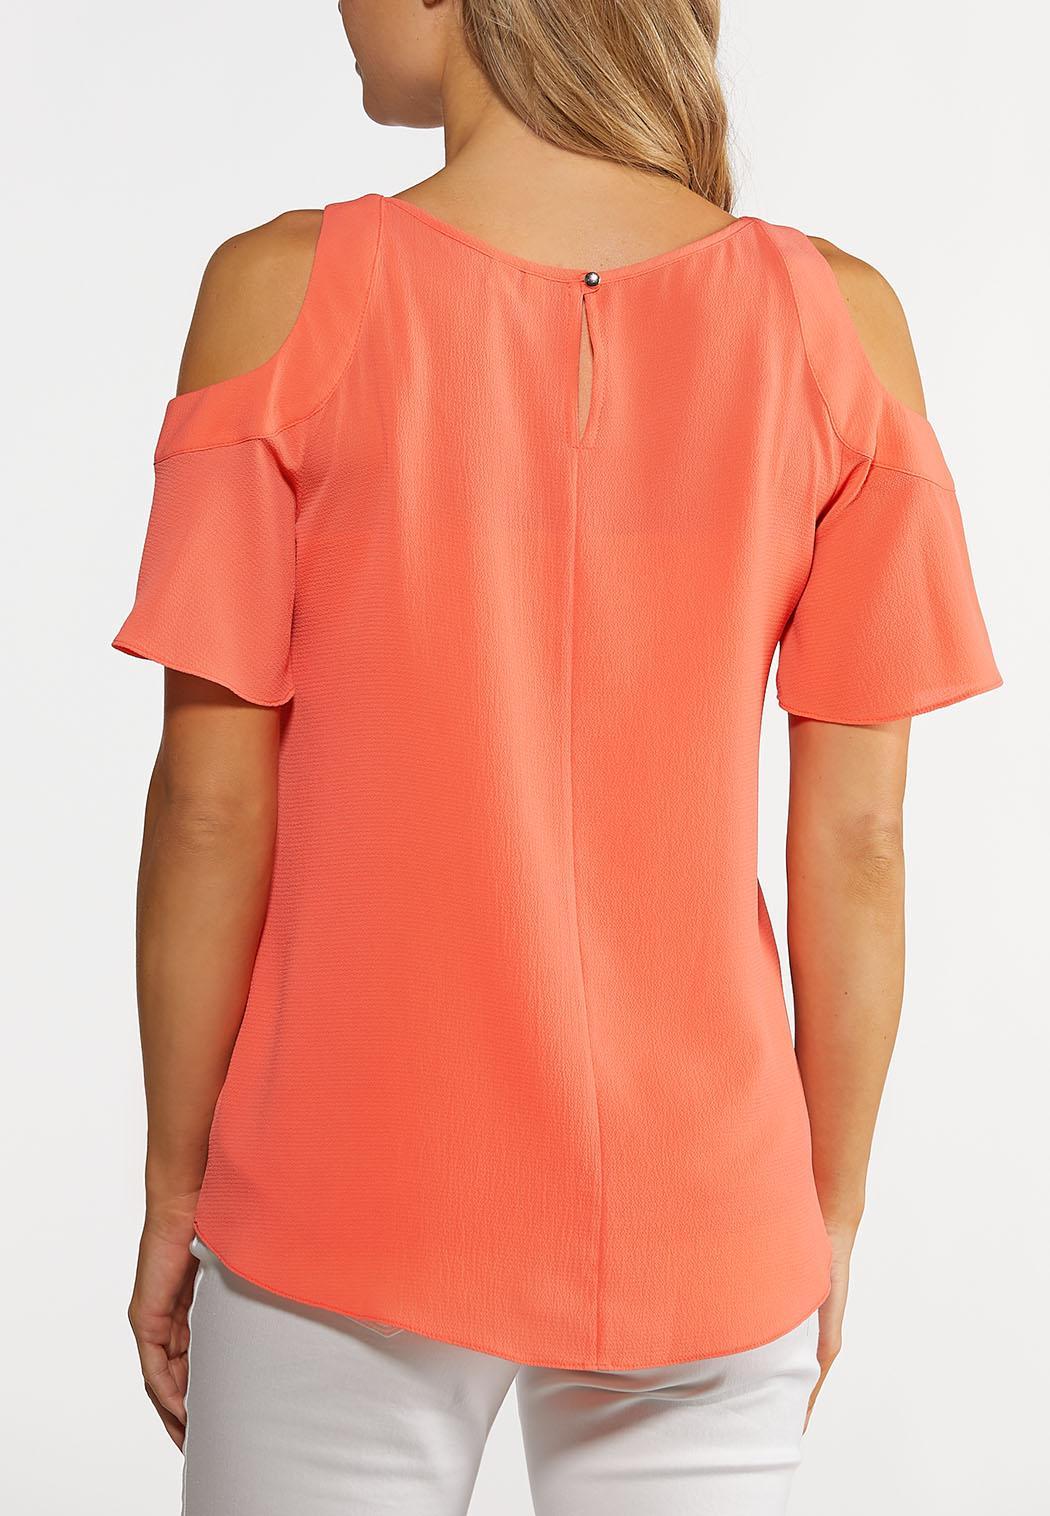 Coral Cold Shoulder Top (Item #44246809)